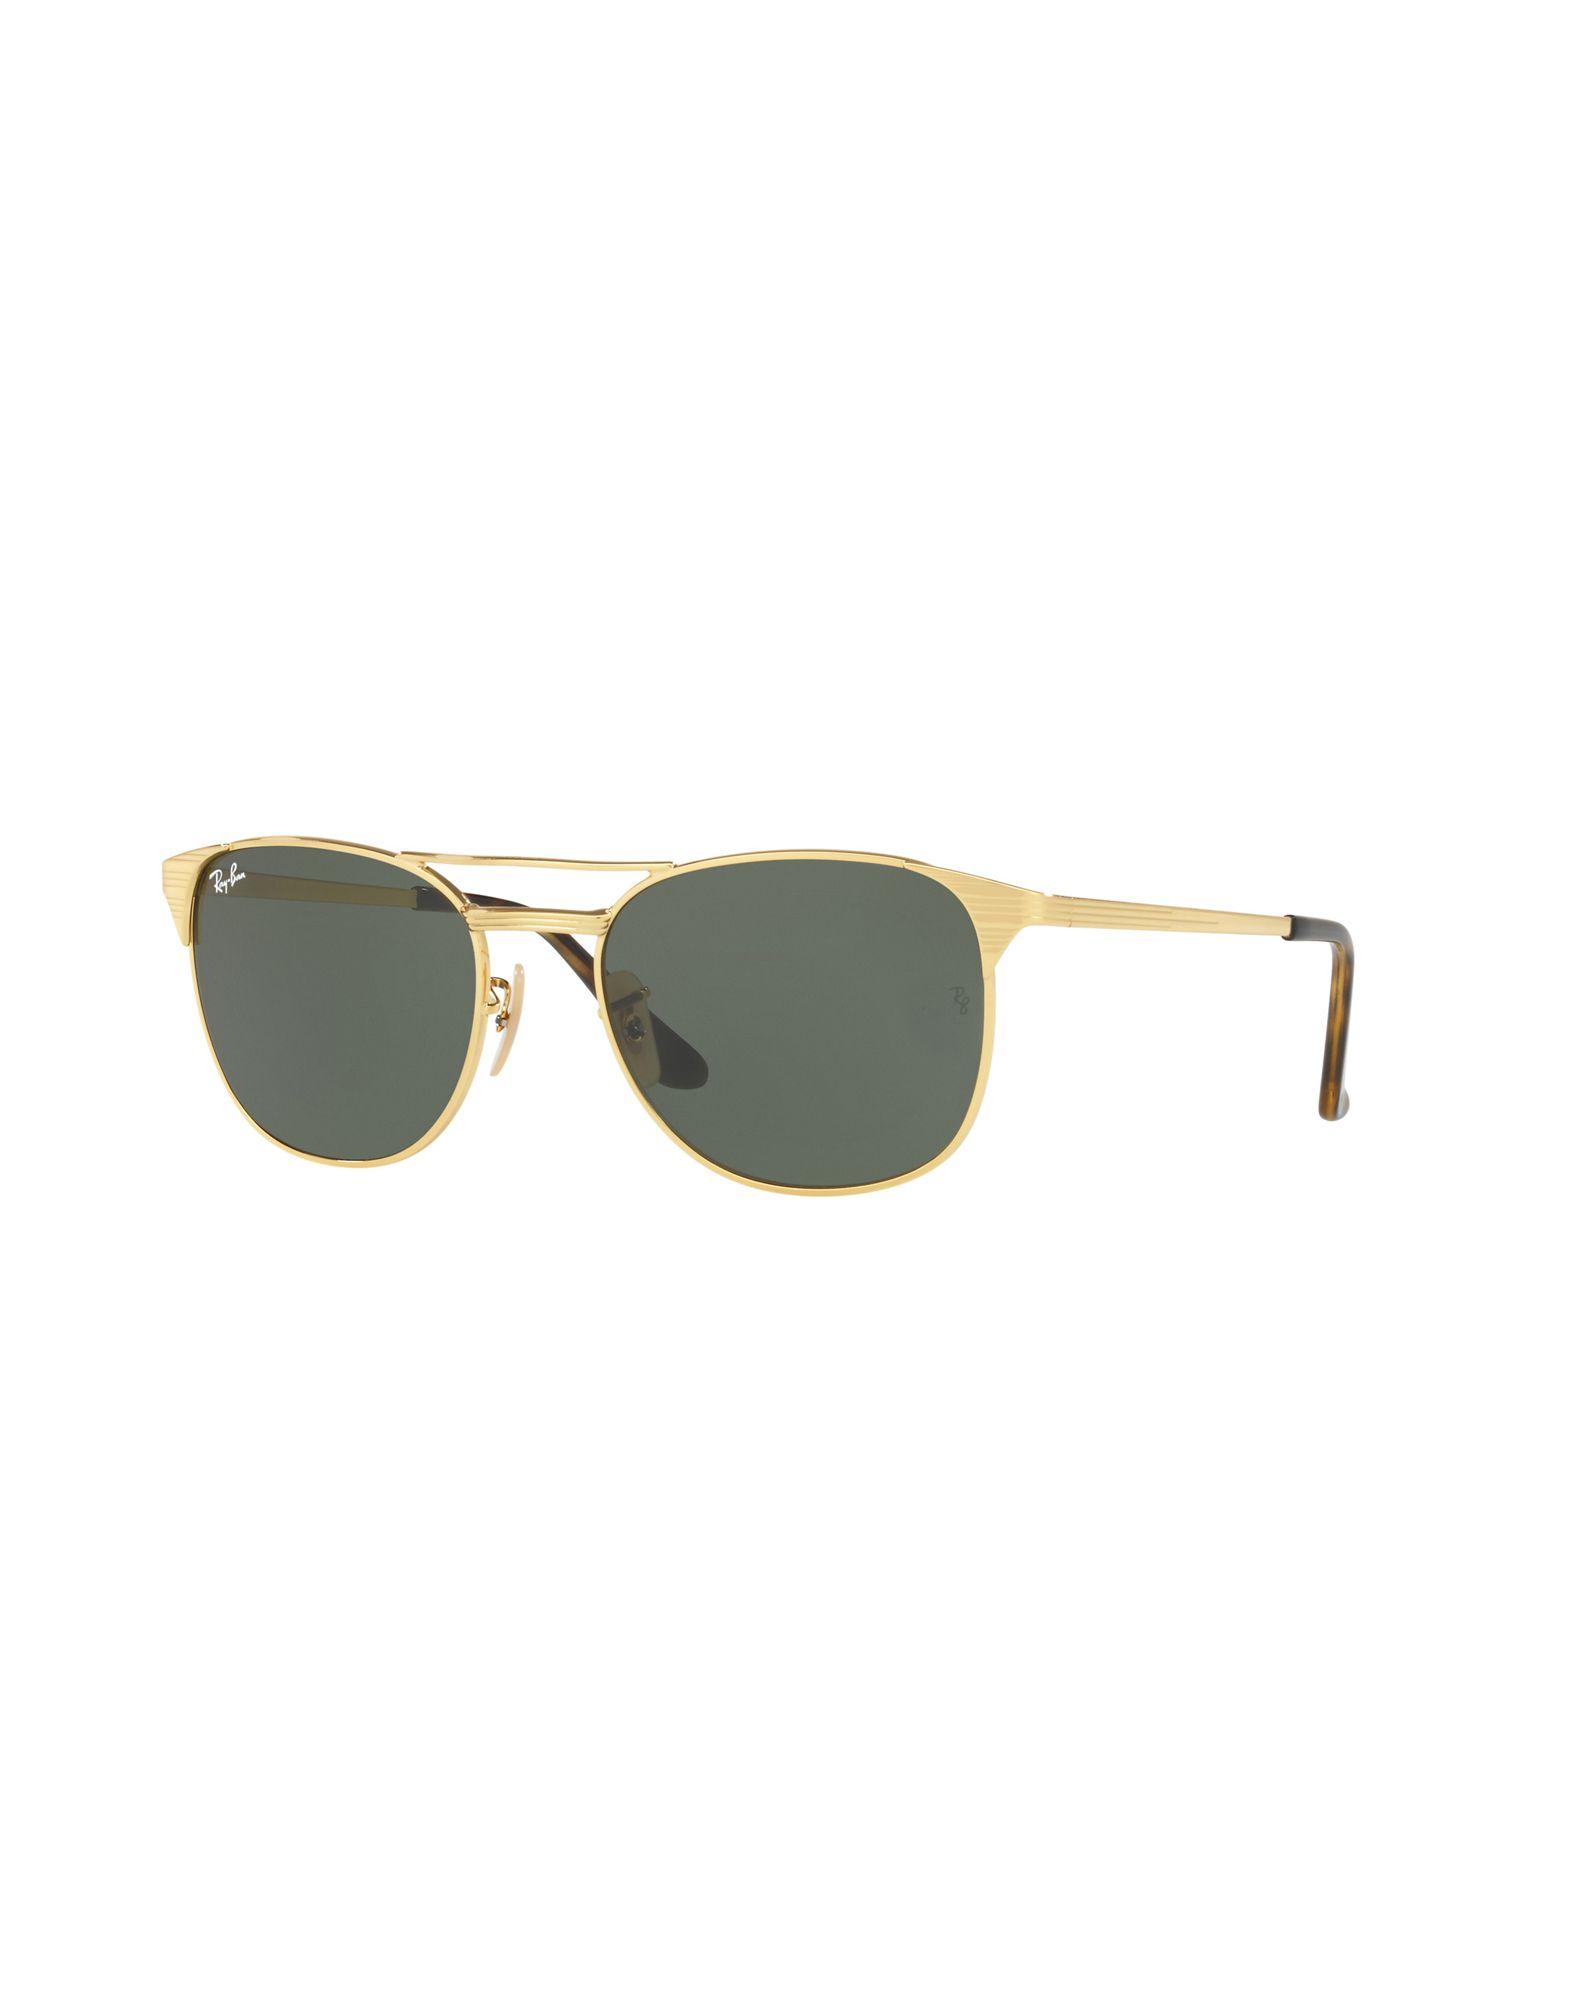 Occhiali Da Sole Ray-Ban Rb3429m - Uomo - Acquista online su